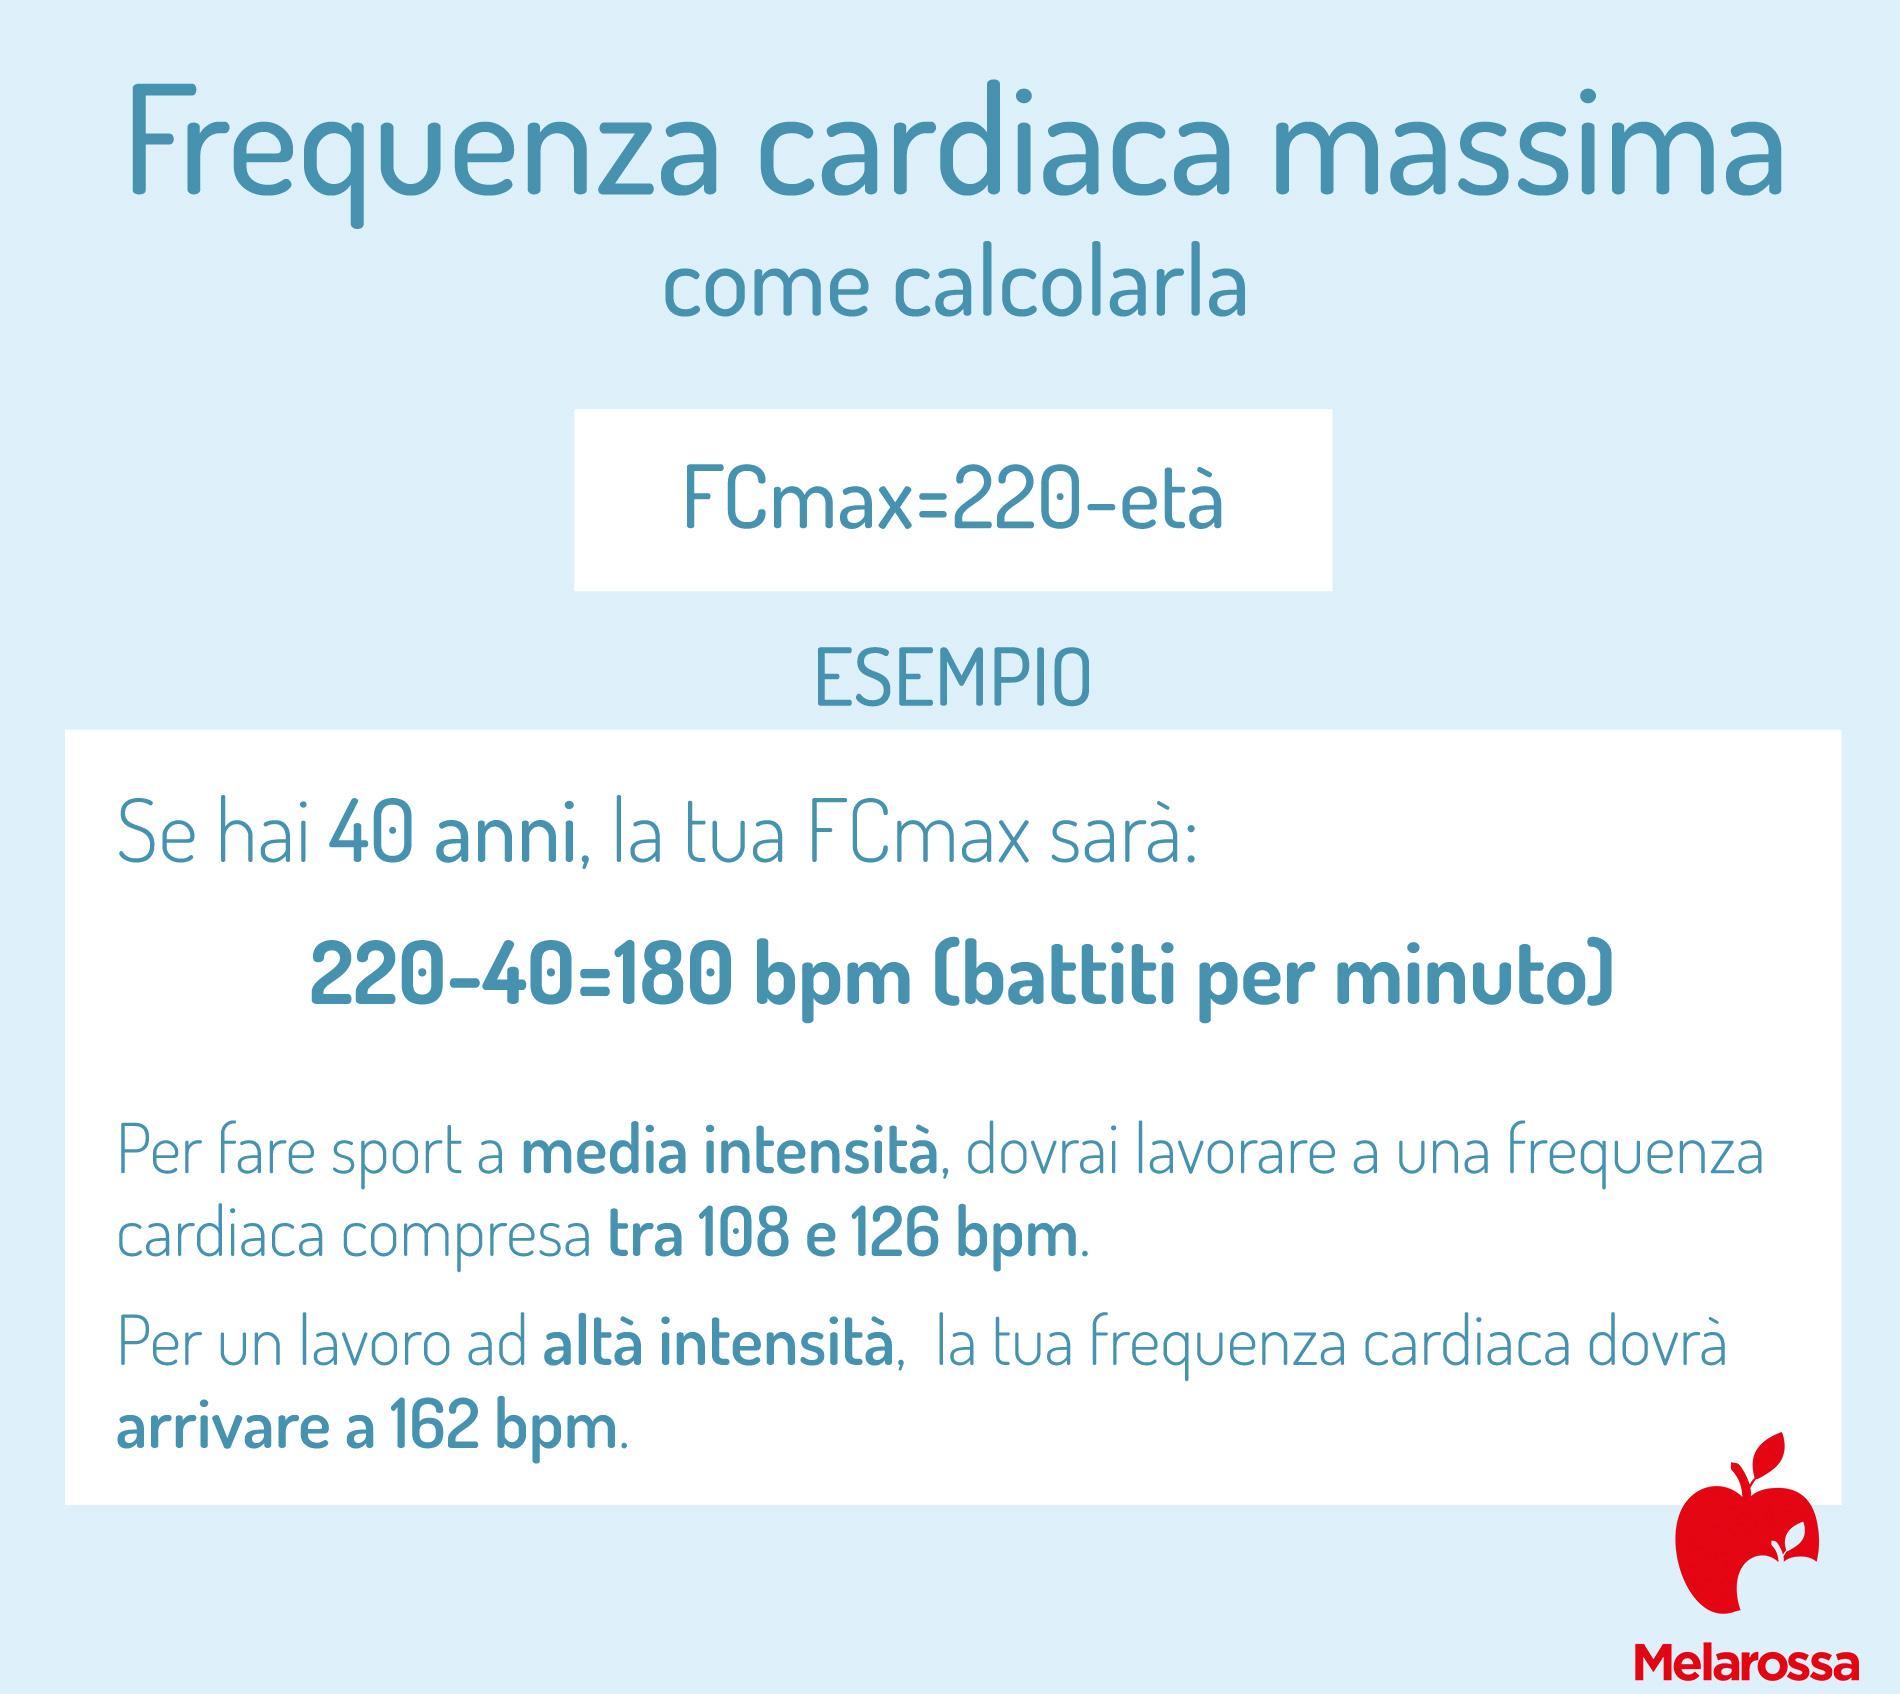 ipertensione e frequenza cardiaca